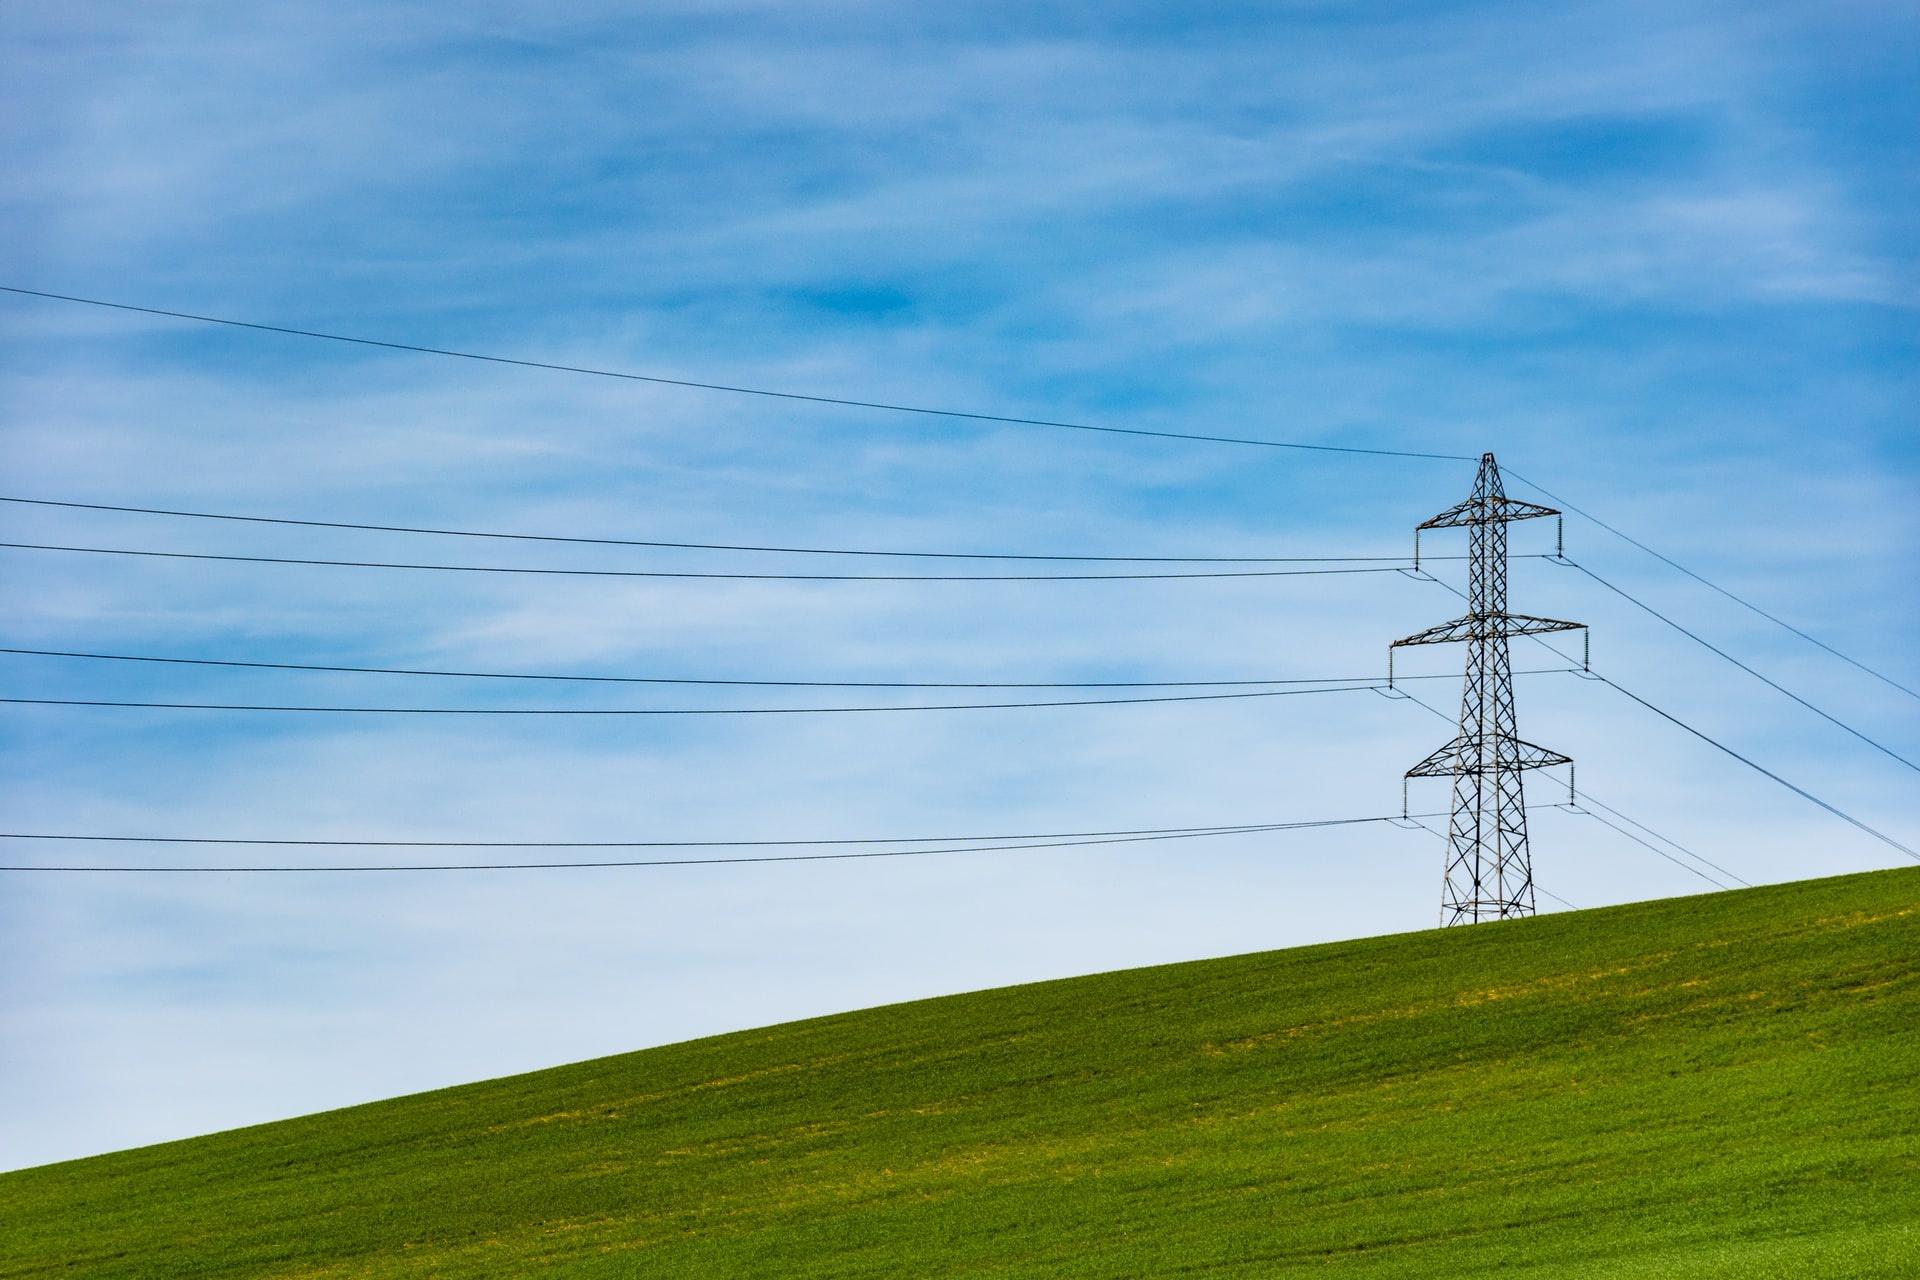 Transmission Power Line, YSG Solar